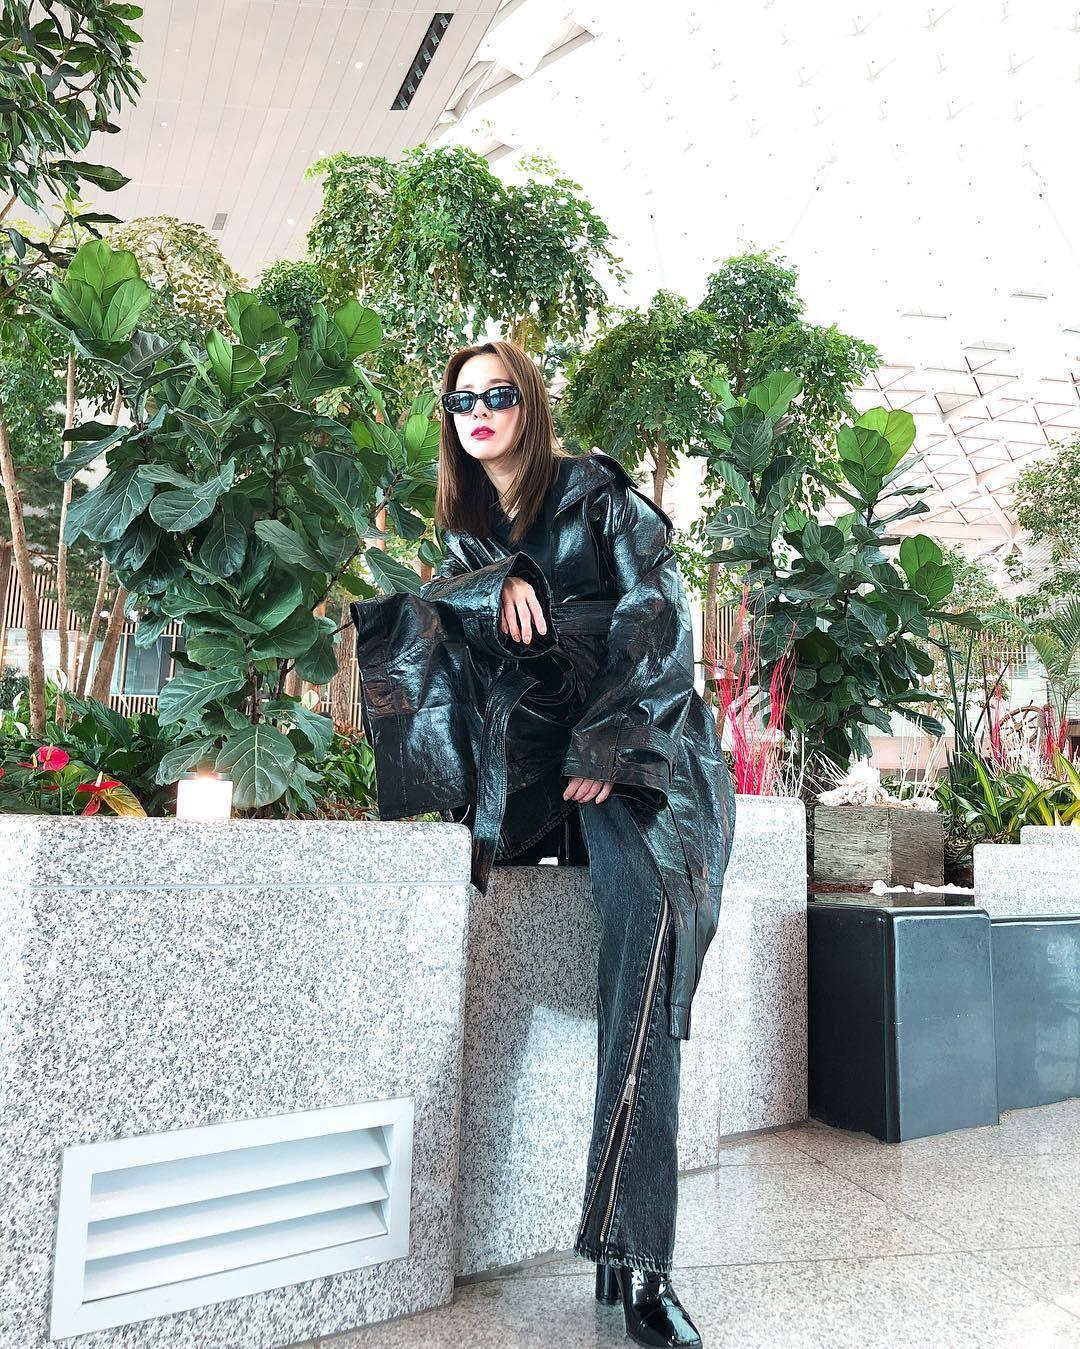 韓國女星Dara也一身勁裝將出席Christian Dada台北旗艦店開幕活動。...